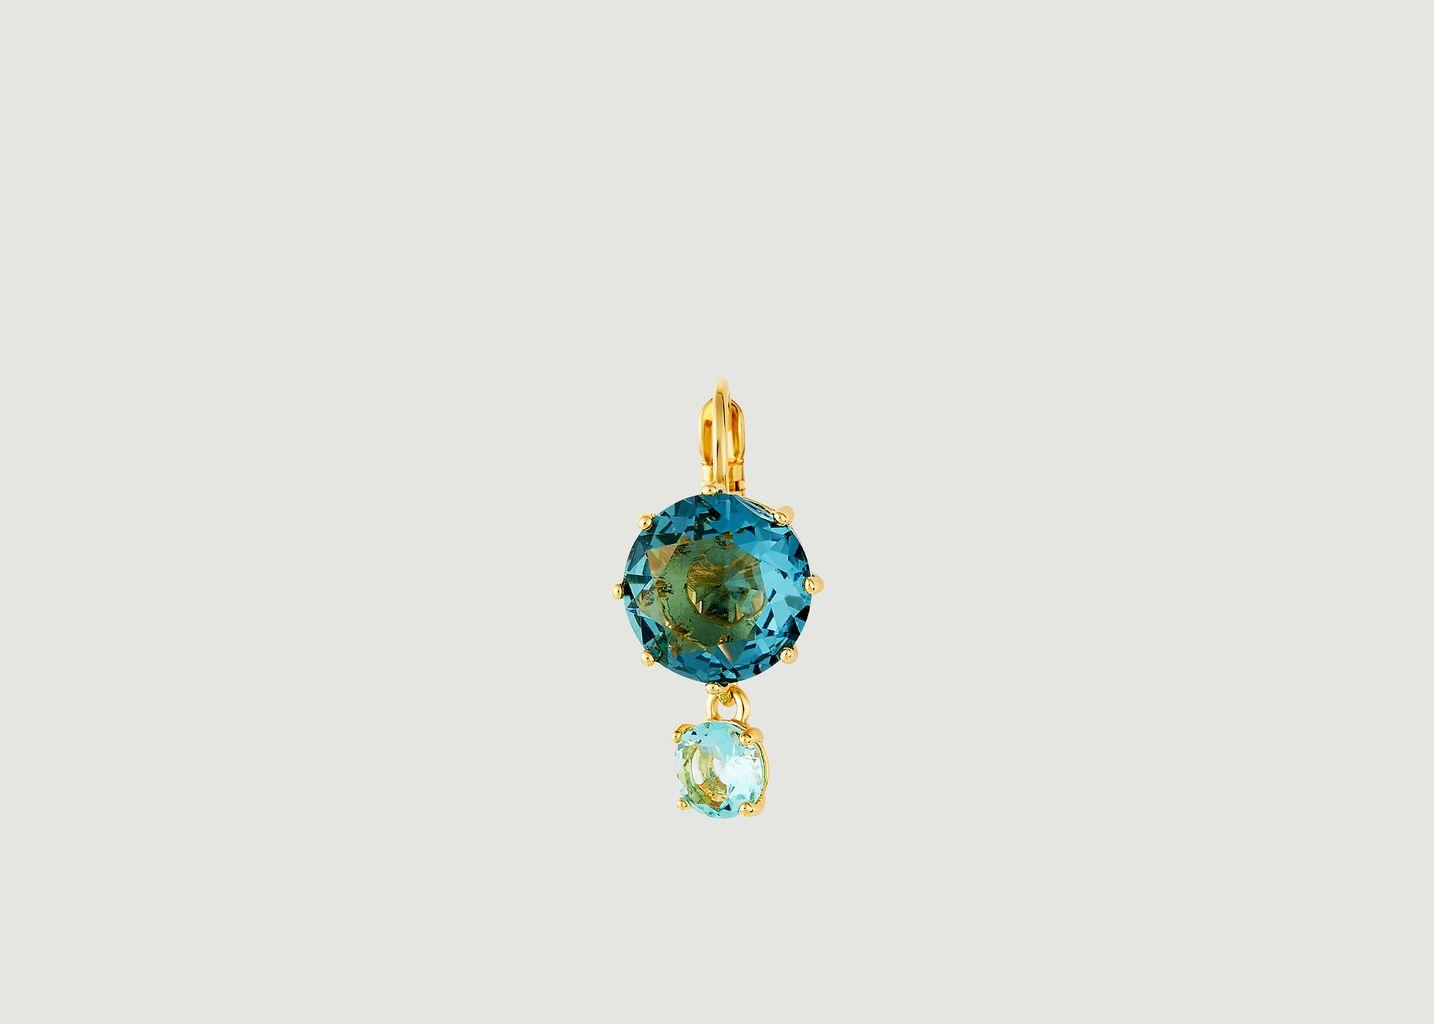 Boucles d'oreilles Dormeuses La Diamantine - Les Néréides